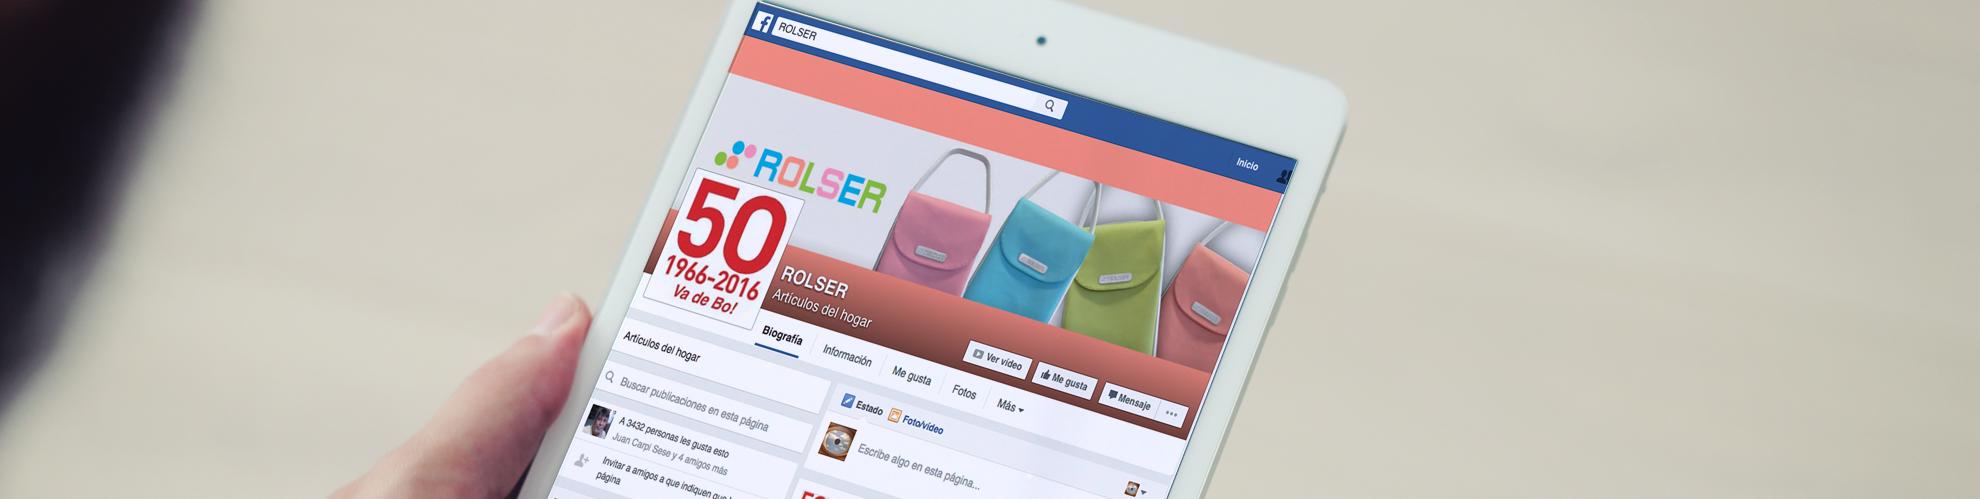 Factoria d'Idees gestión de contenidos facebook. ROLSER